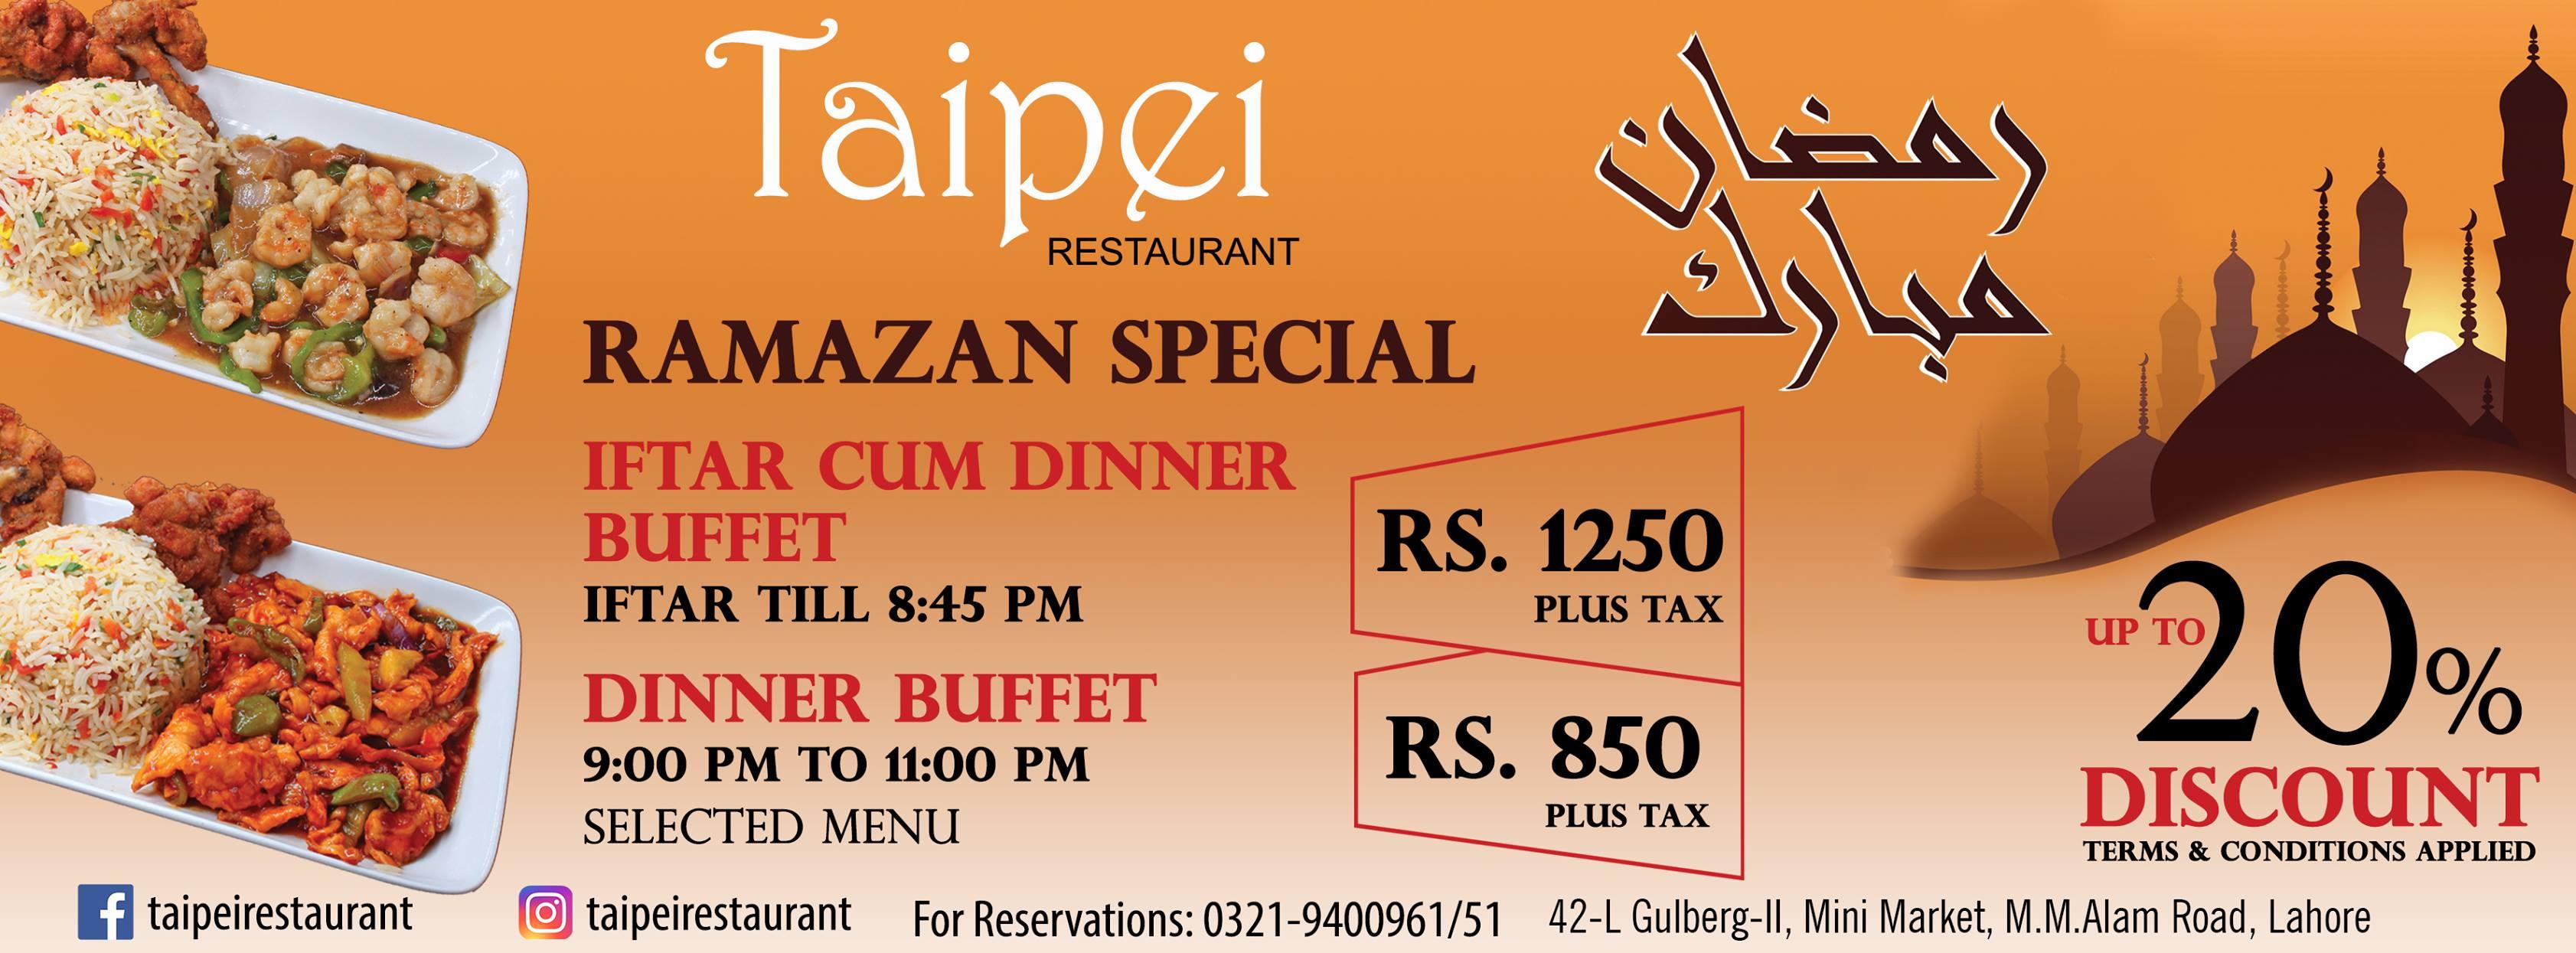 Best Ramadan Iftar Buffet Deals In Lahore Rates, Menu, Taipei